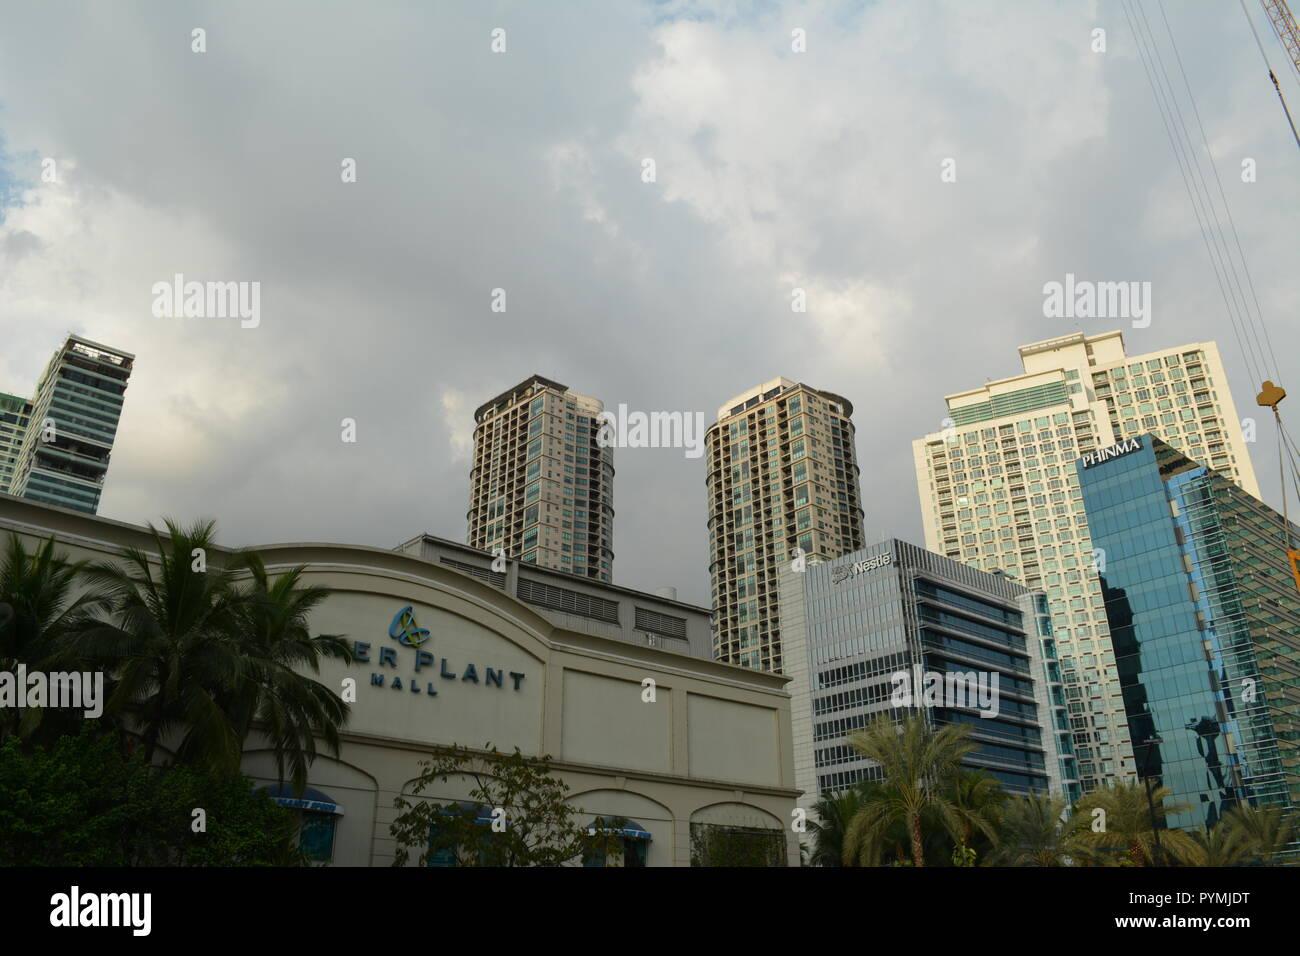 Powerplant Mall, Makati City, Philippines - Stock Image